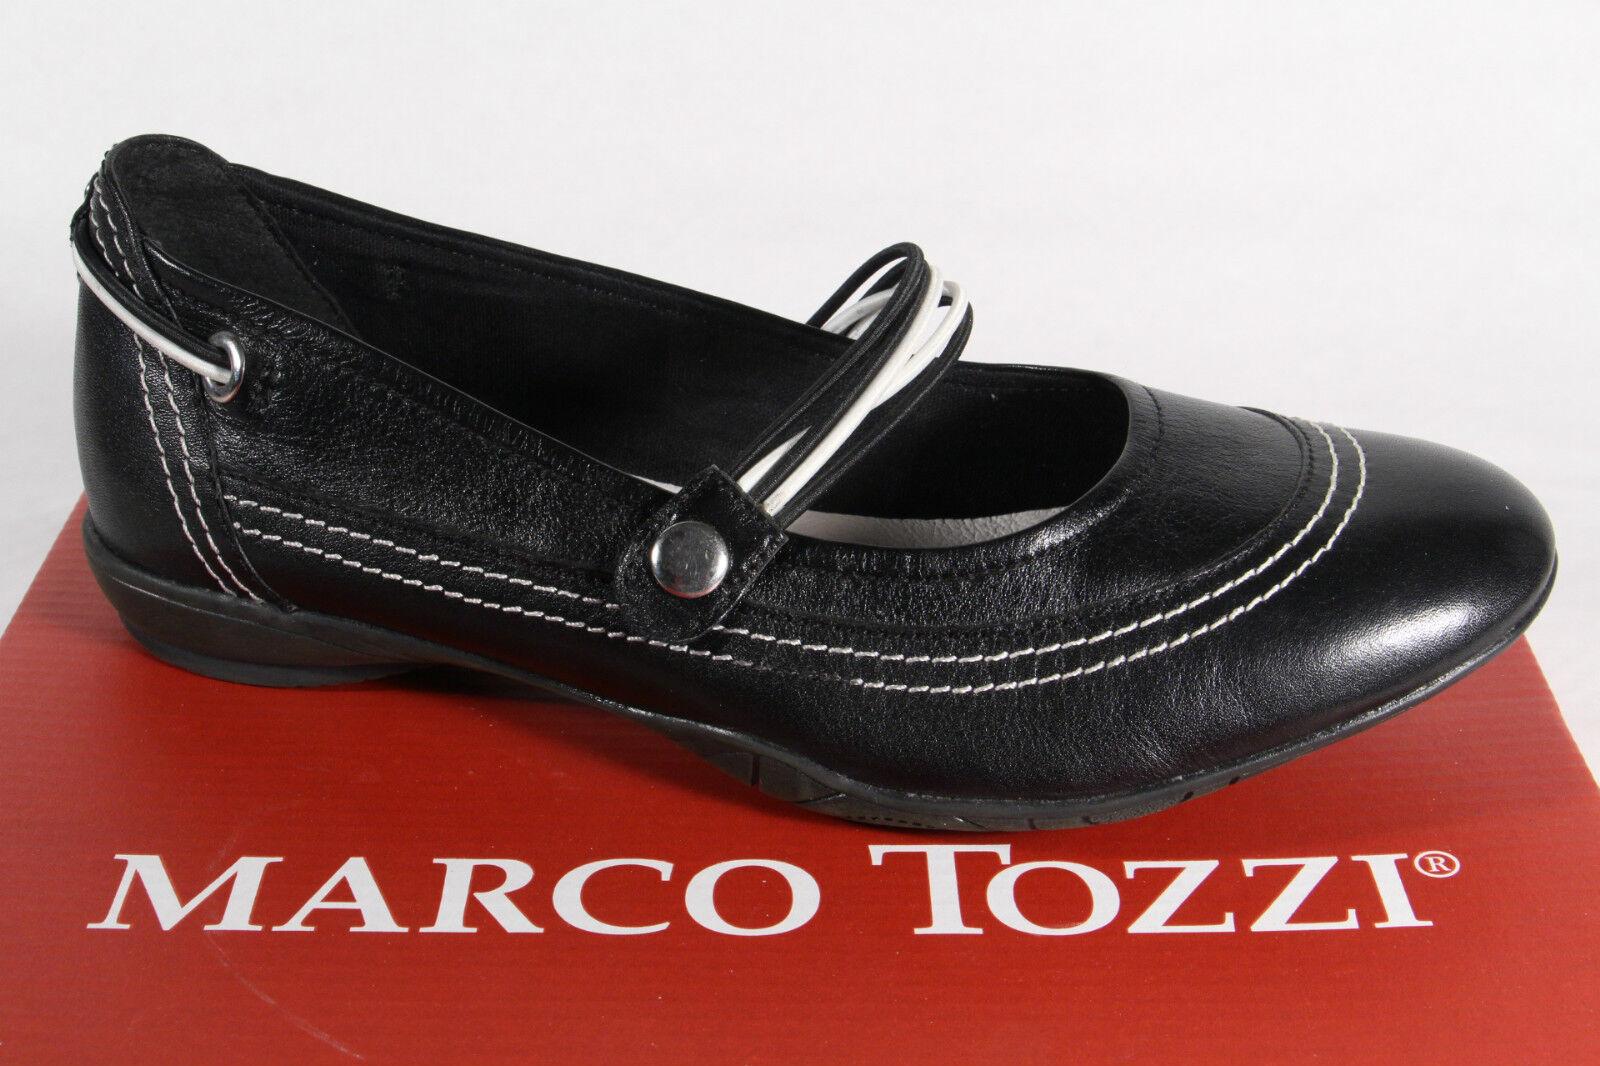 Marco Tozzi Ballerine Vera Scarpe Basse Nero , Vera Ballerine pelle Nuovo 438e76